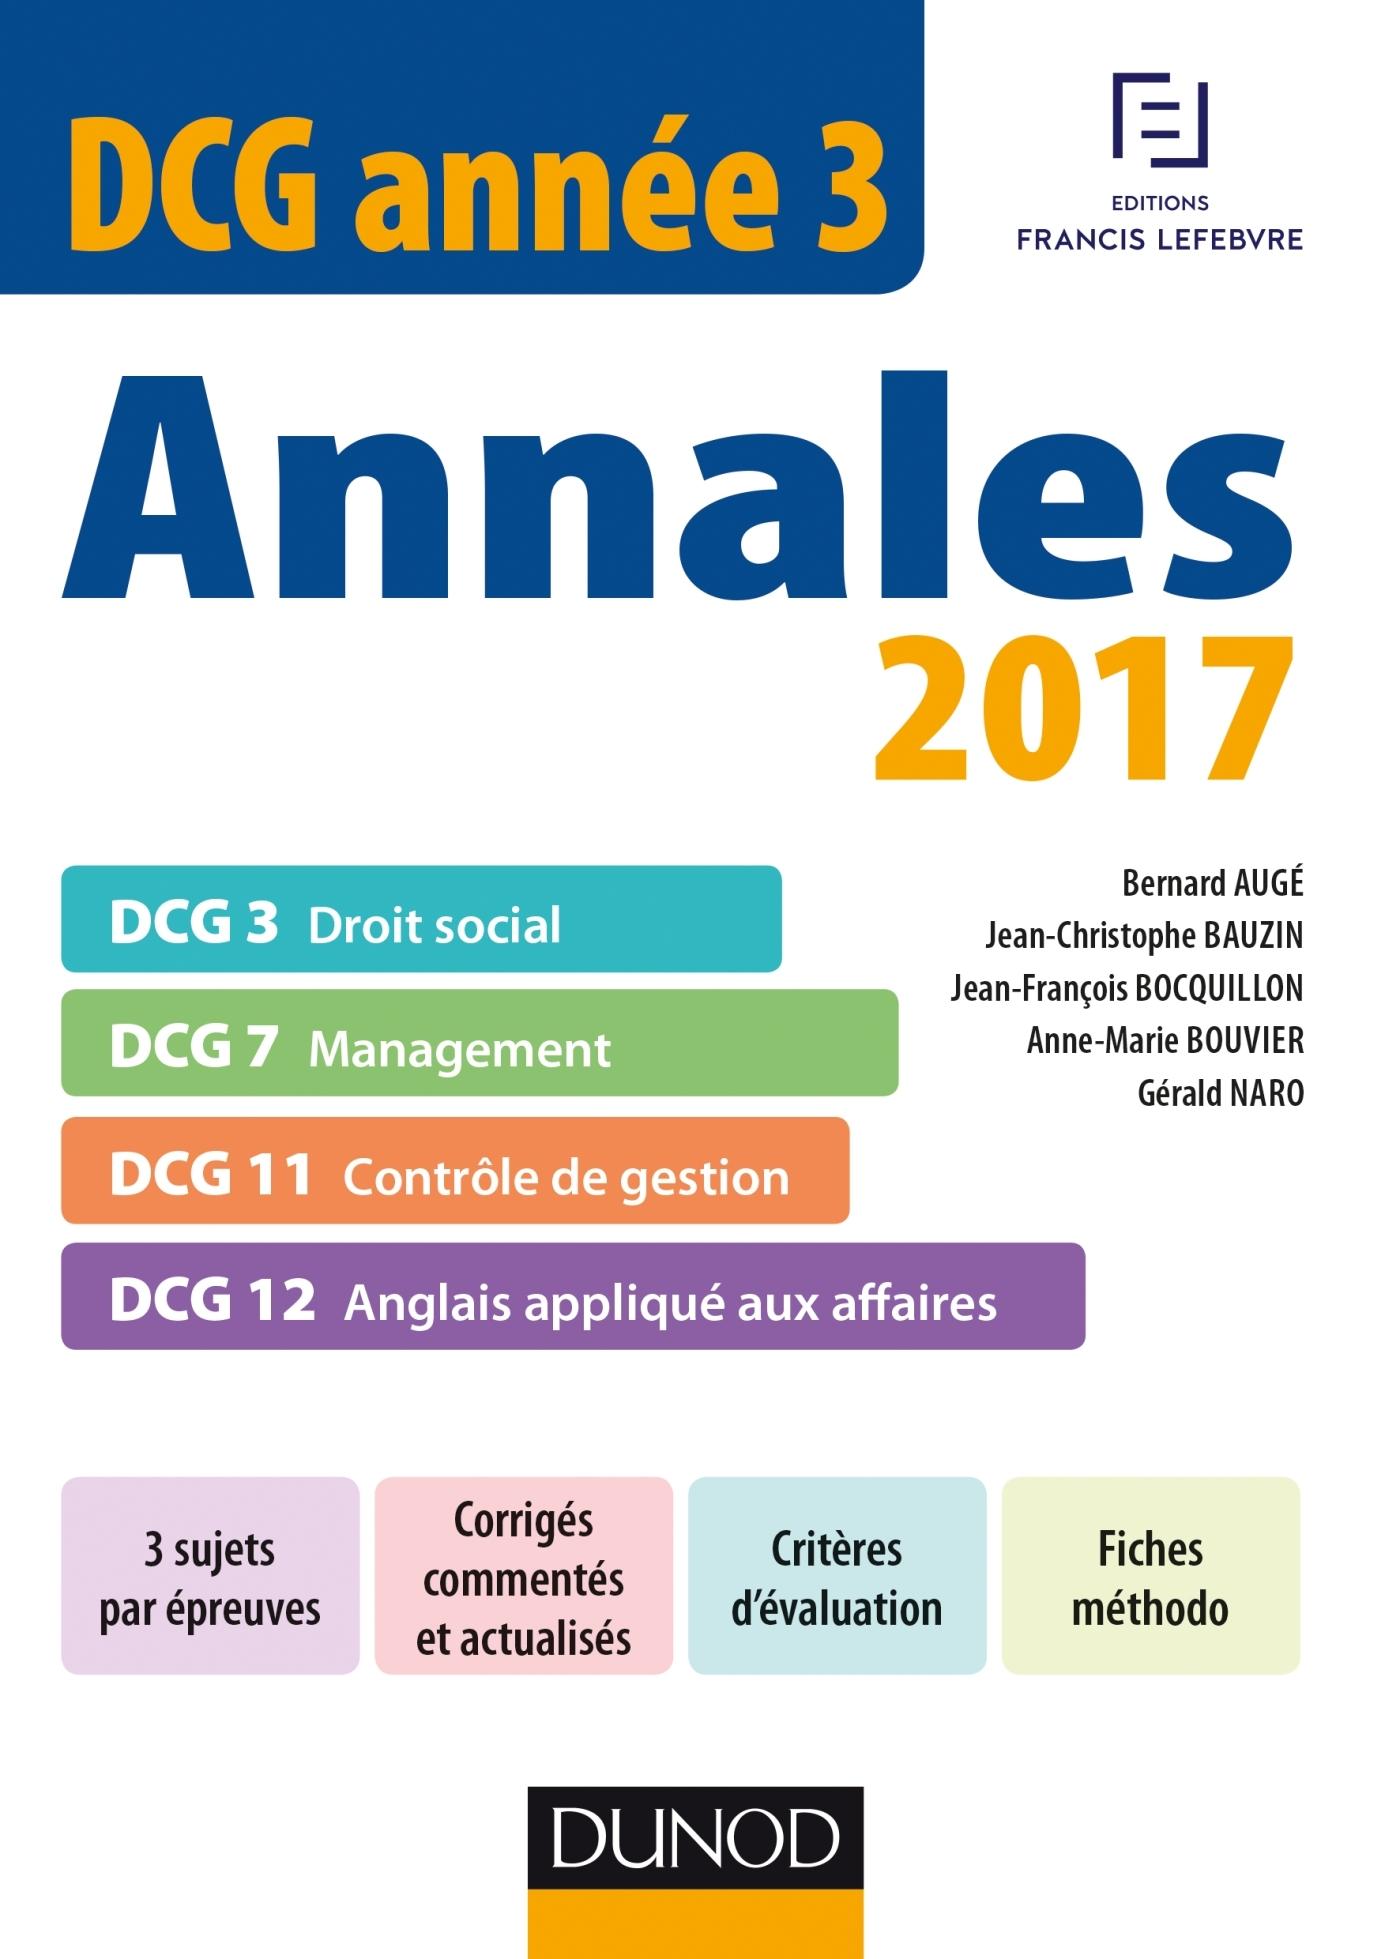 DCG Anne 3